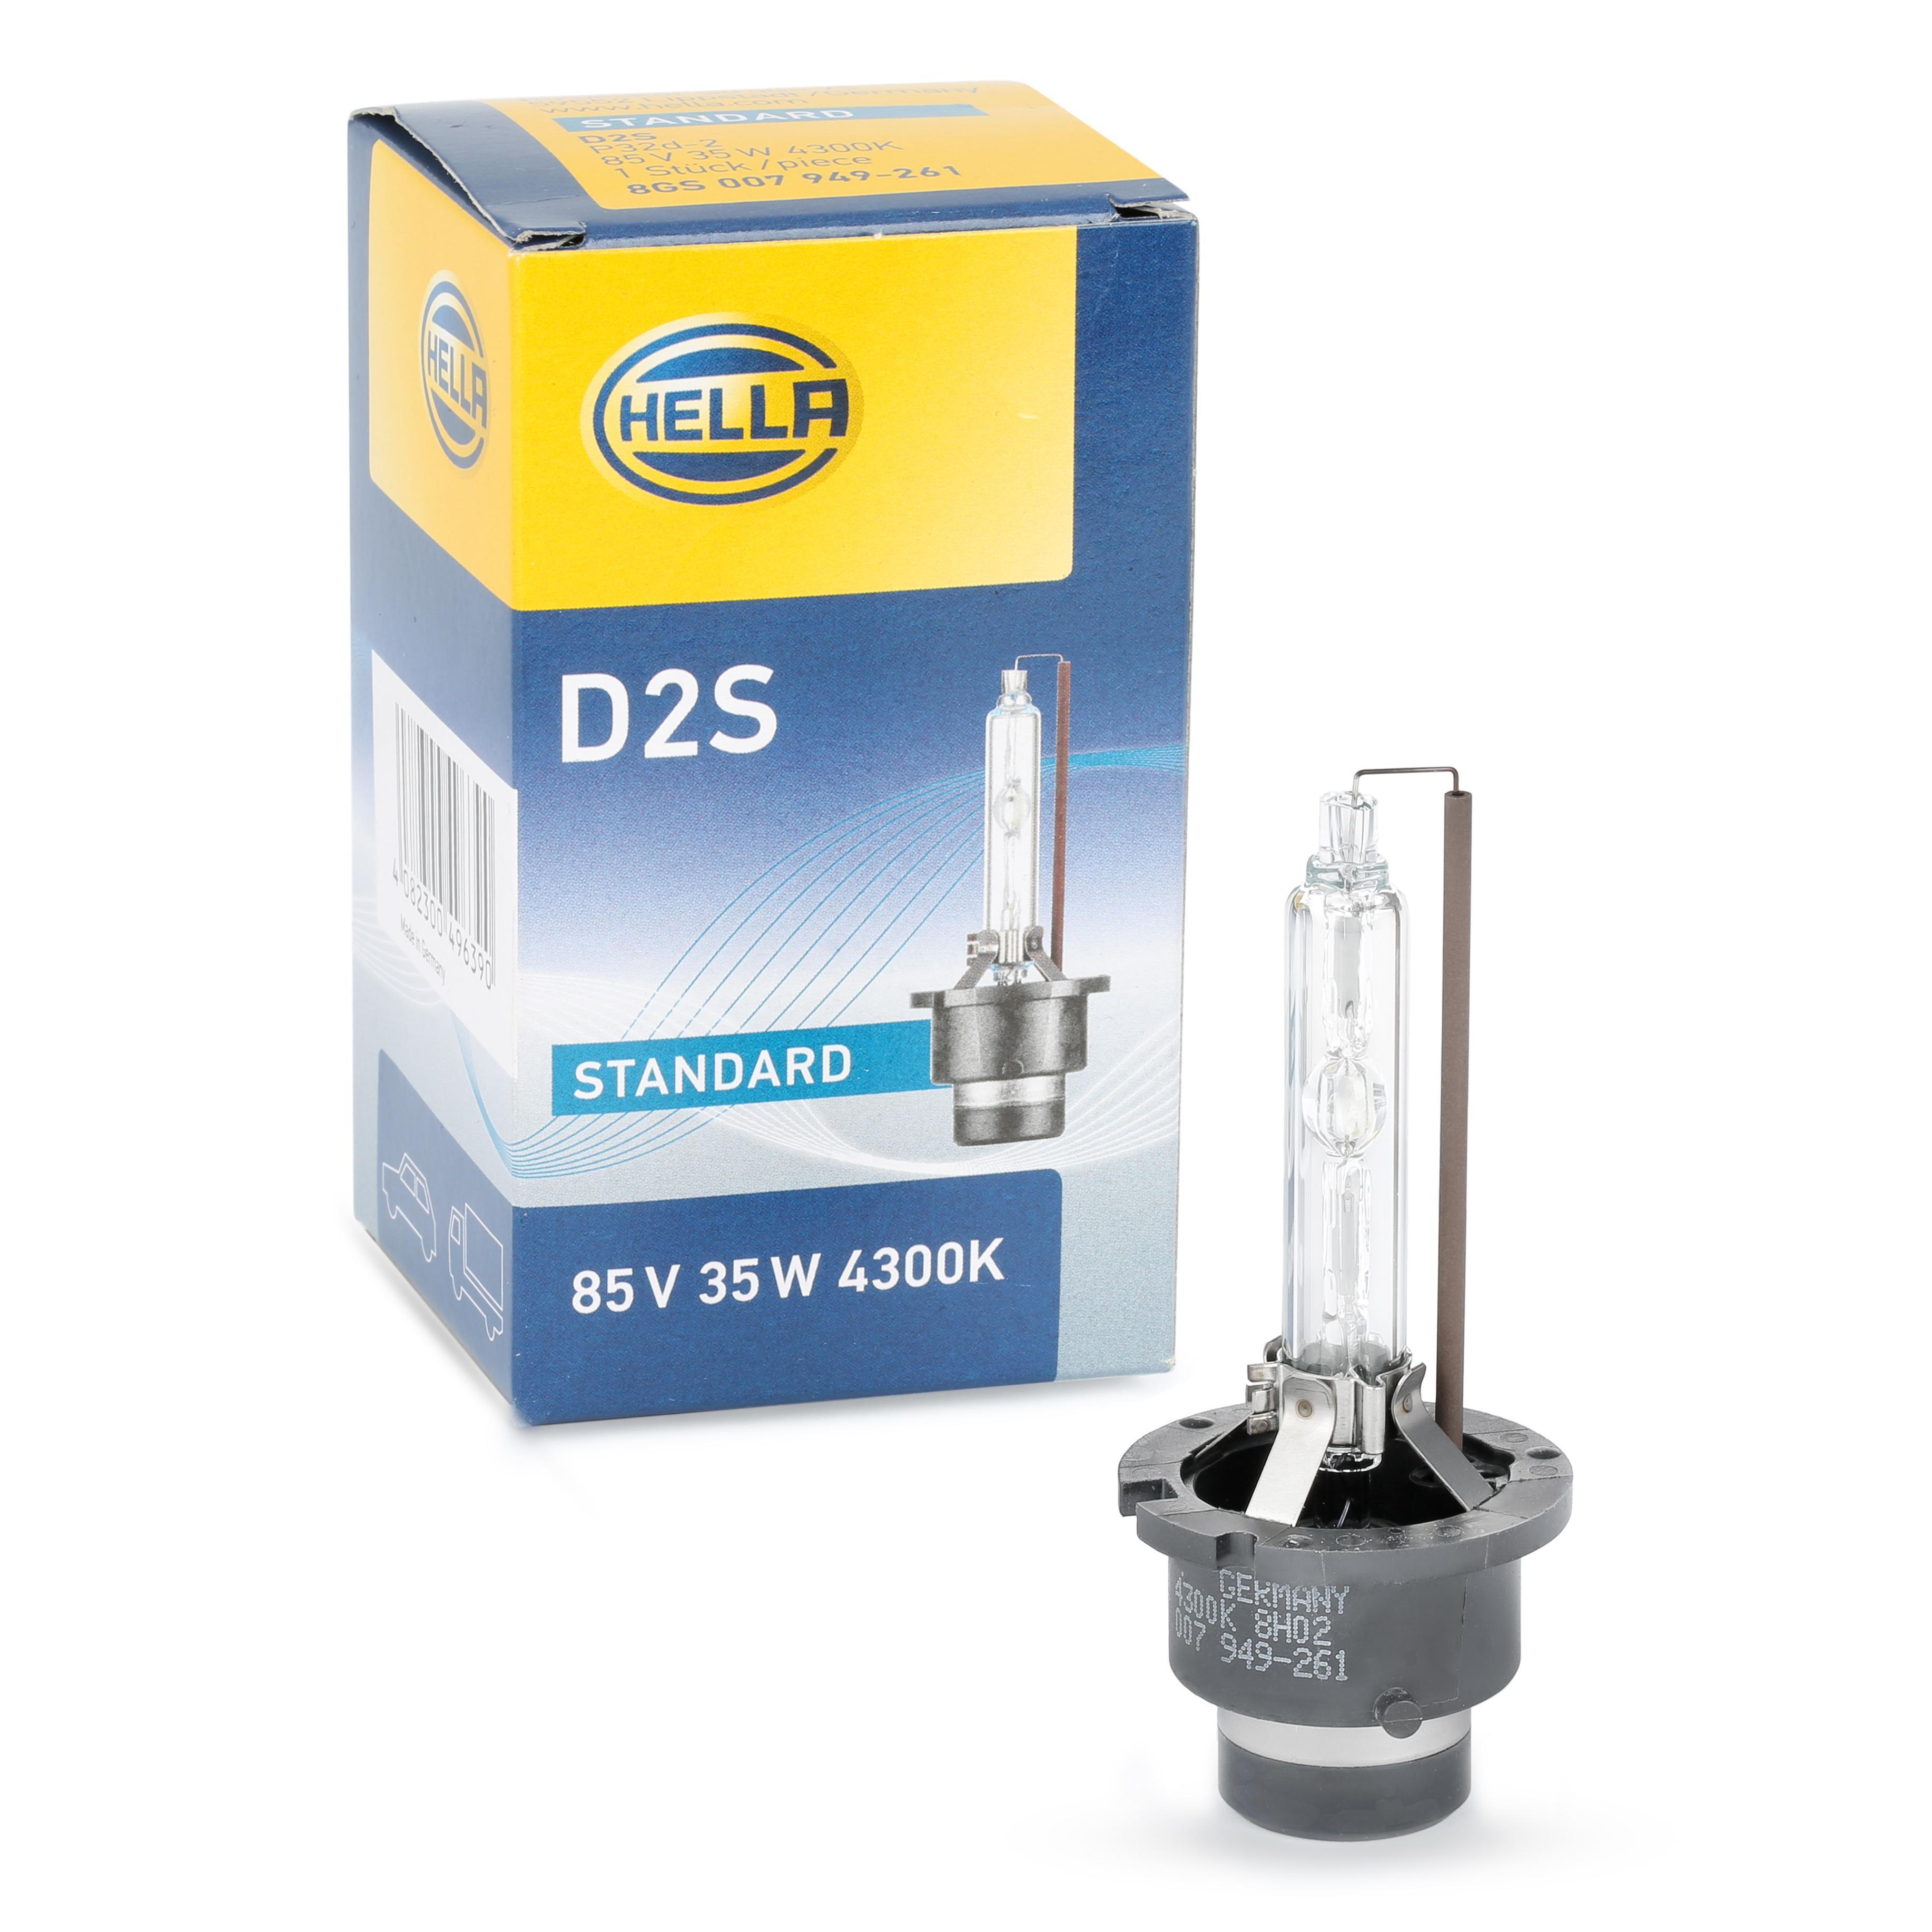 Lemputė, prožektorius 8GS 007 949-261 už MG zemos kainos - Pirkti dabar!